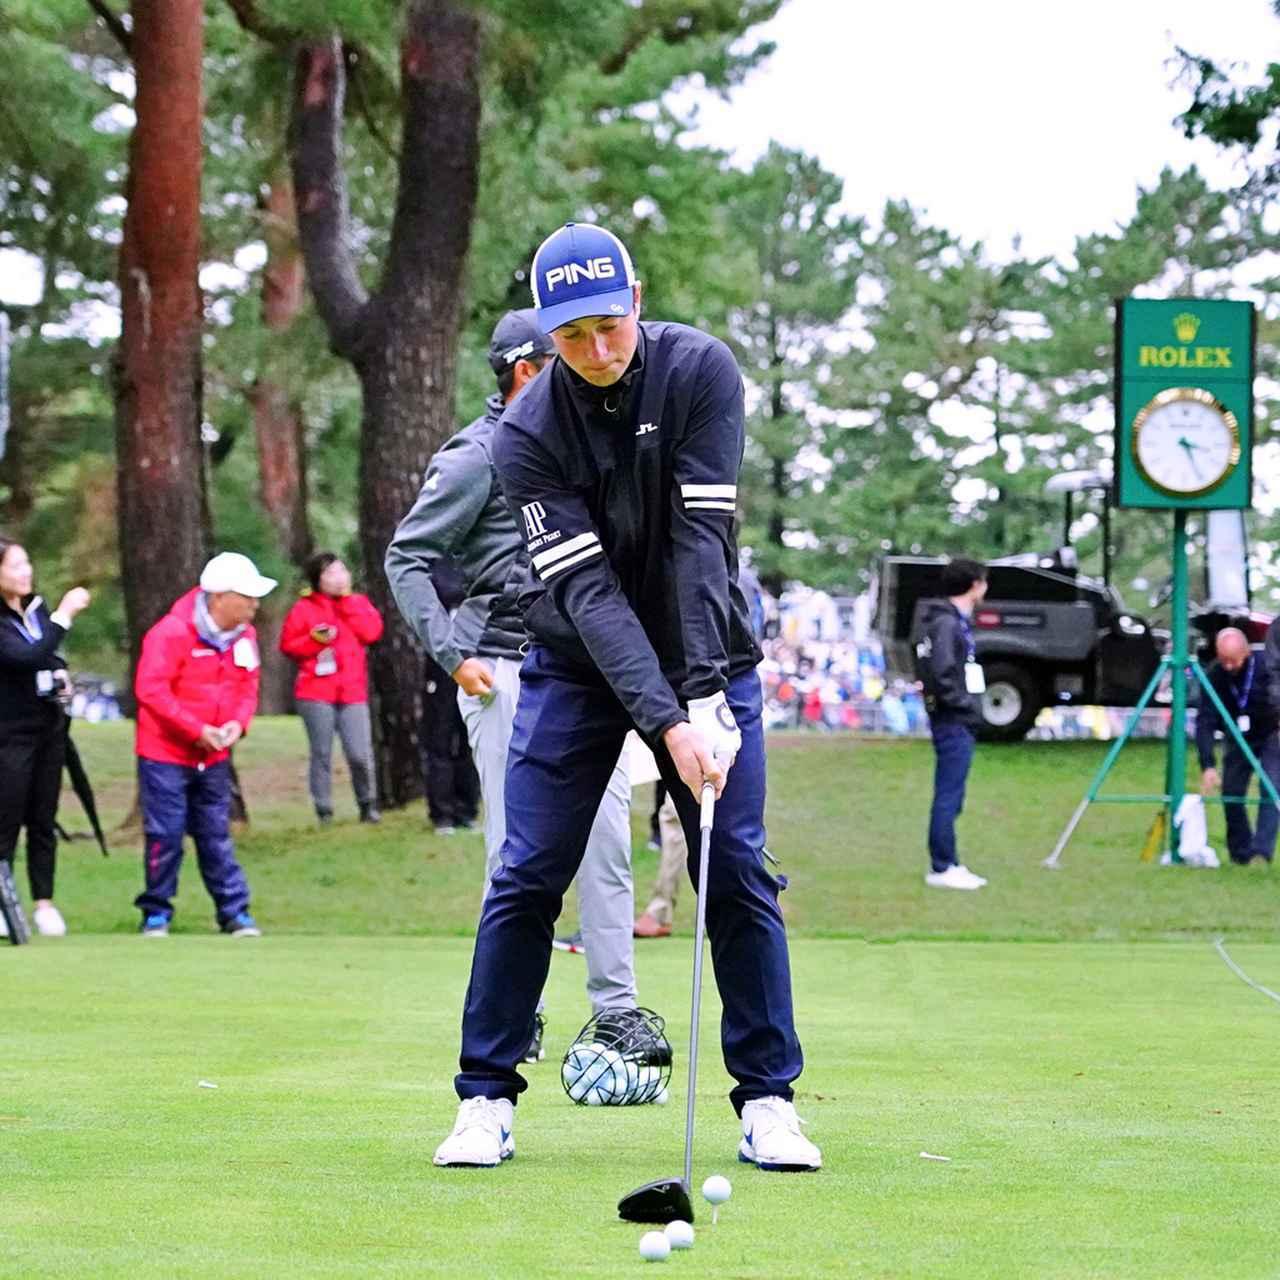 画像14: 【ビクトル・ホブラン/コリン・モリカワ/マシュー・ウルフ】PGAツアーの黄金世代は、すでに全員チャンピオン!